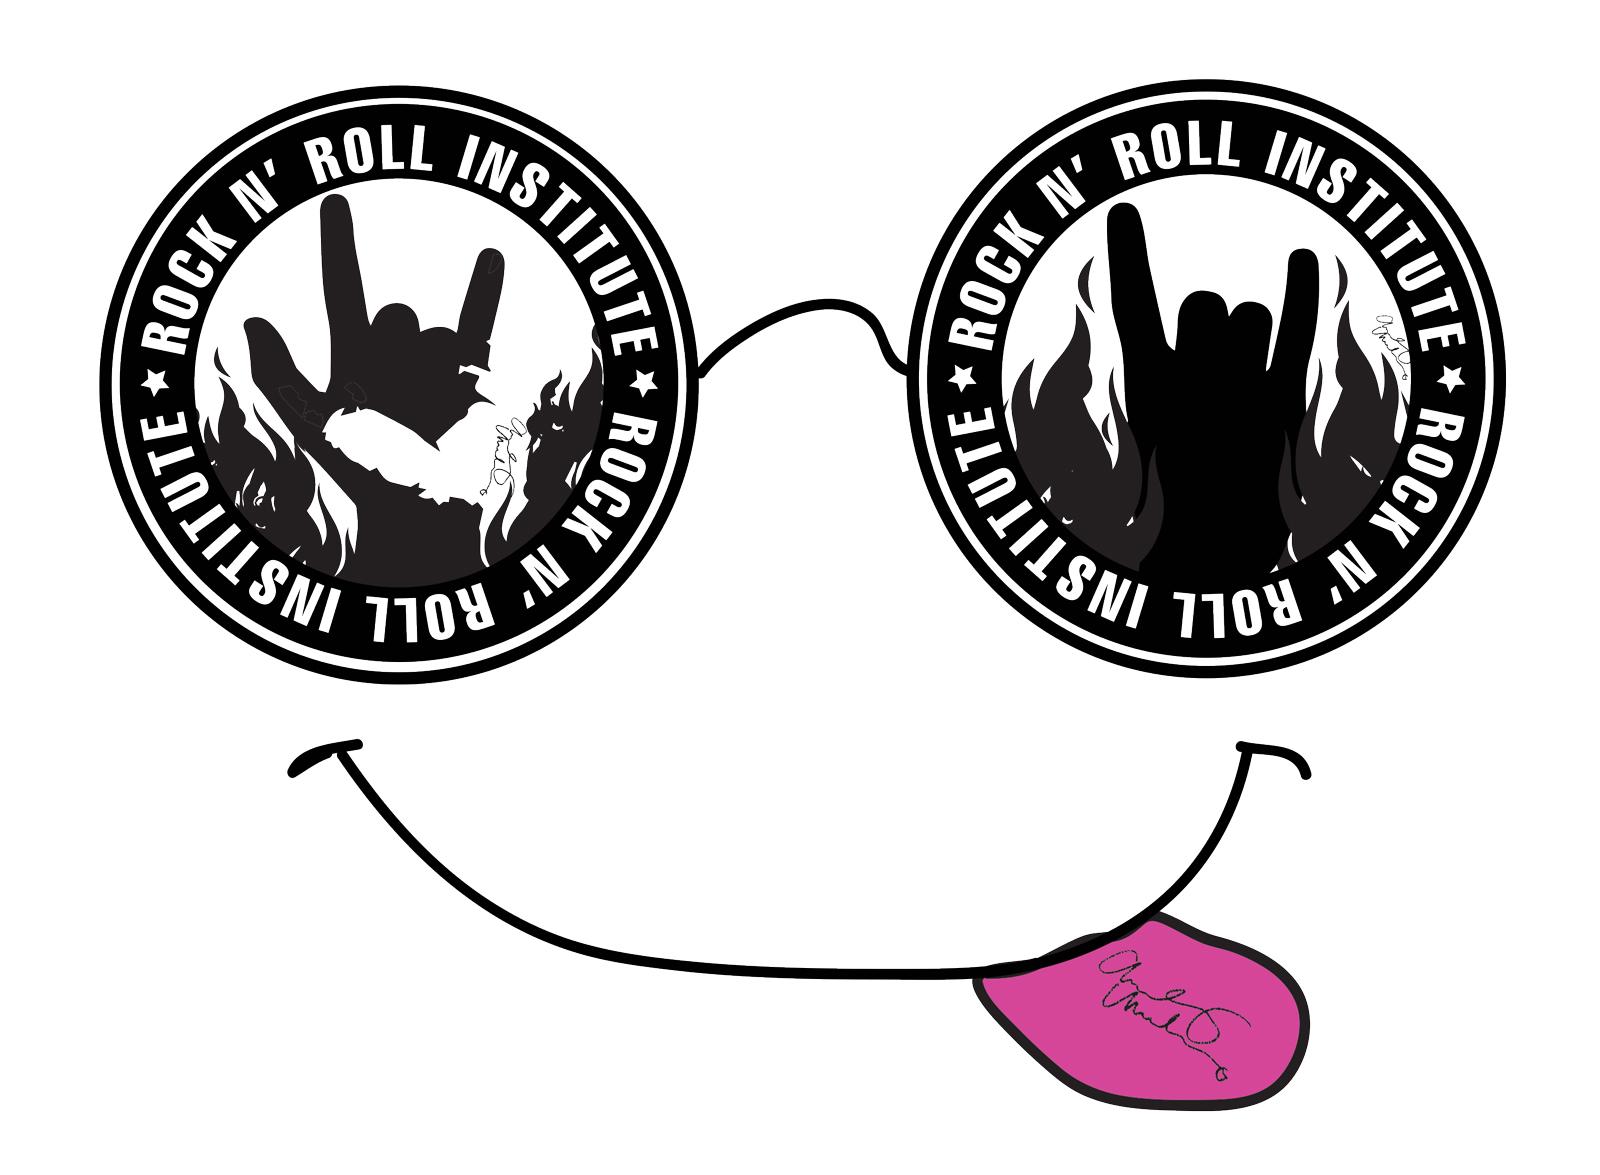 Rock-n-Roll-Institute_Logos-Final_SOCIALMEDIA